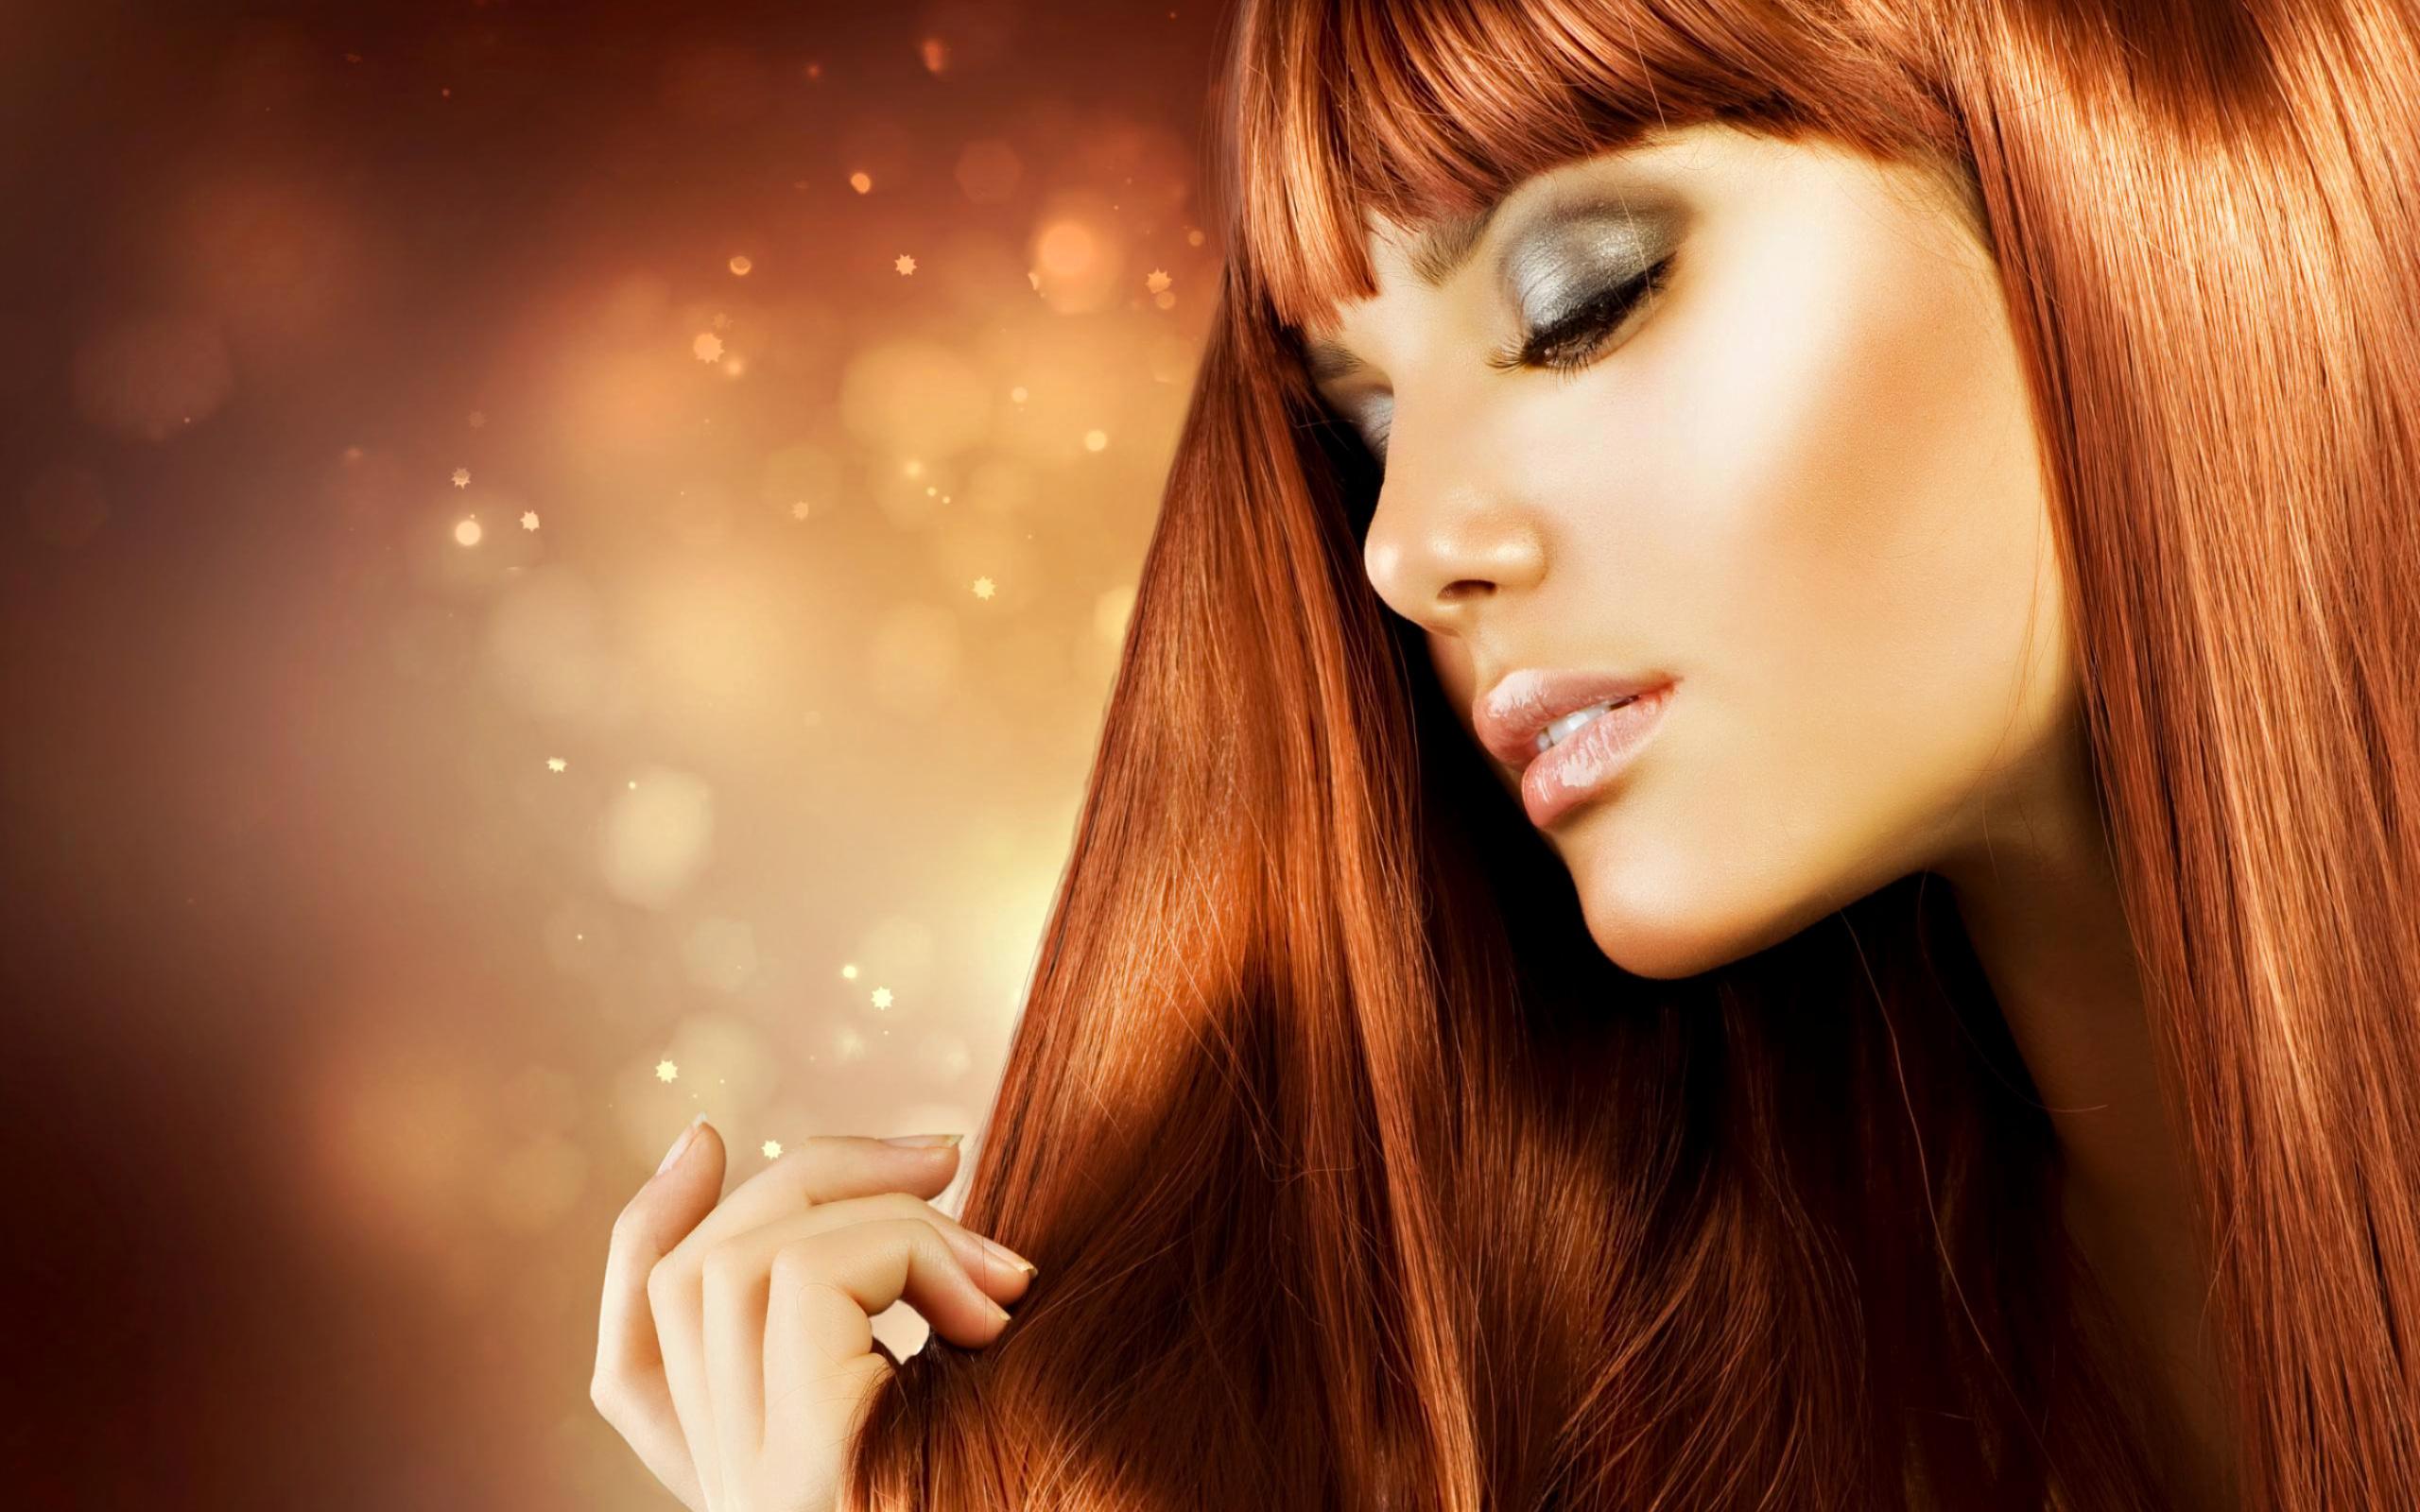 Волосы картинки для любимой - 3